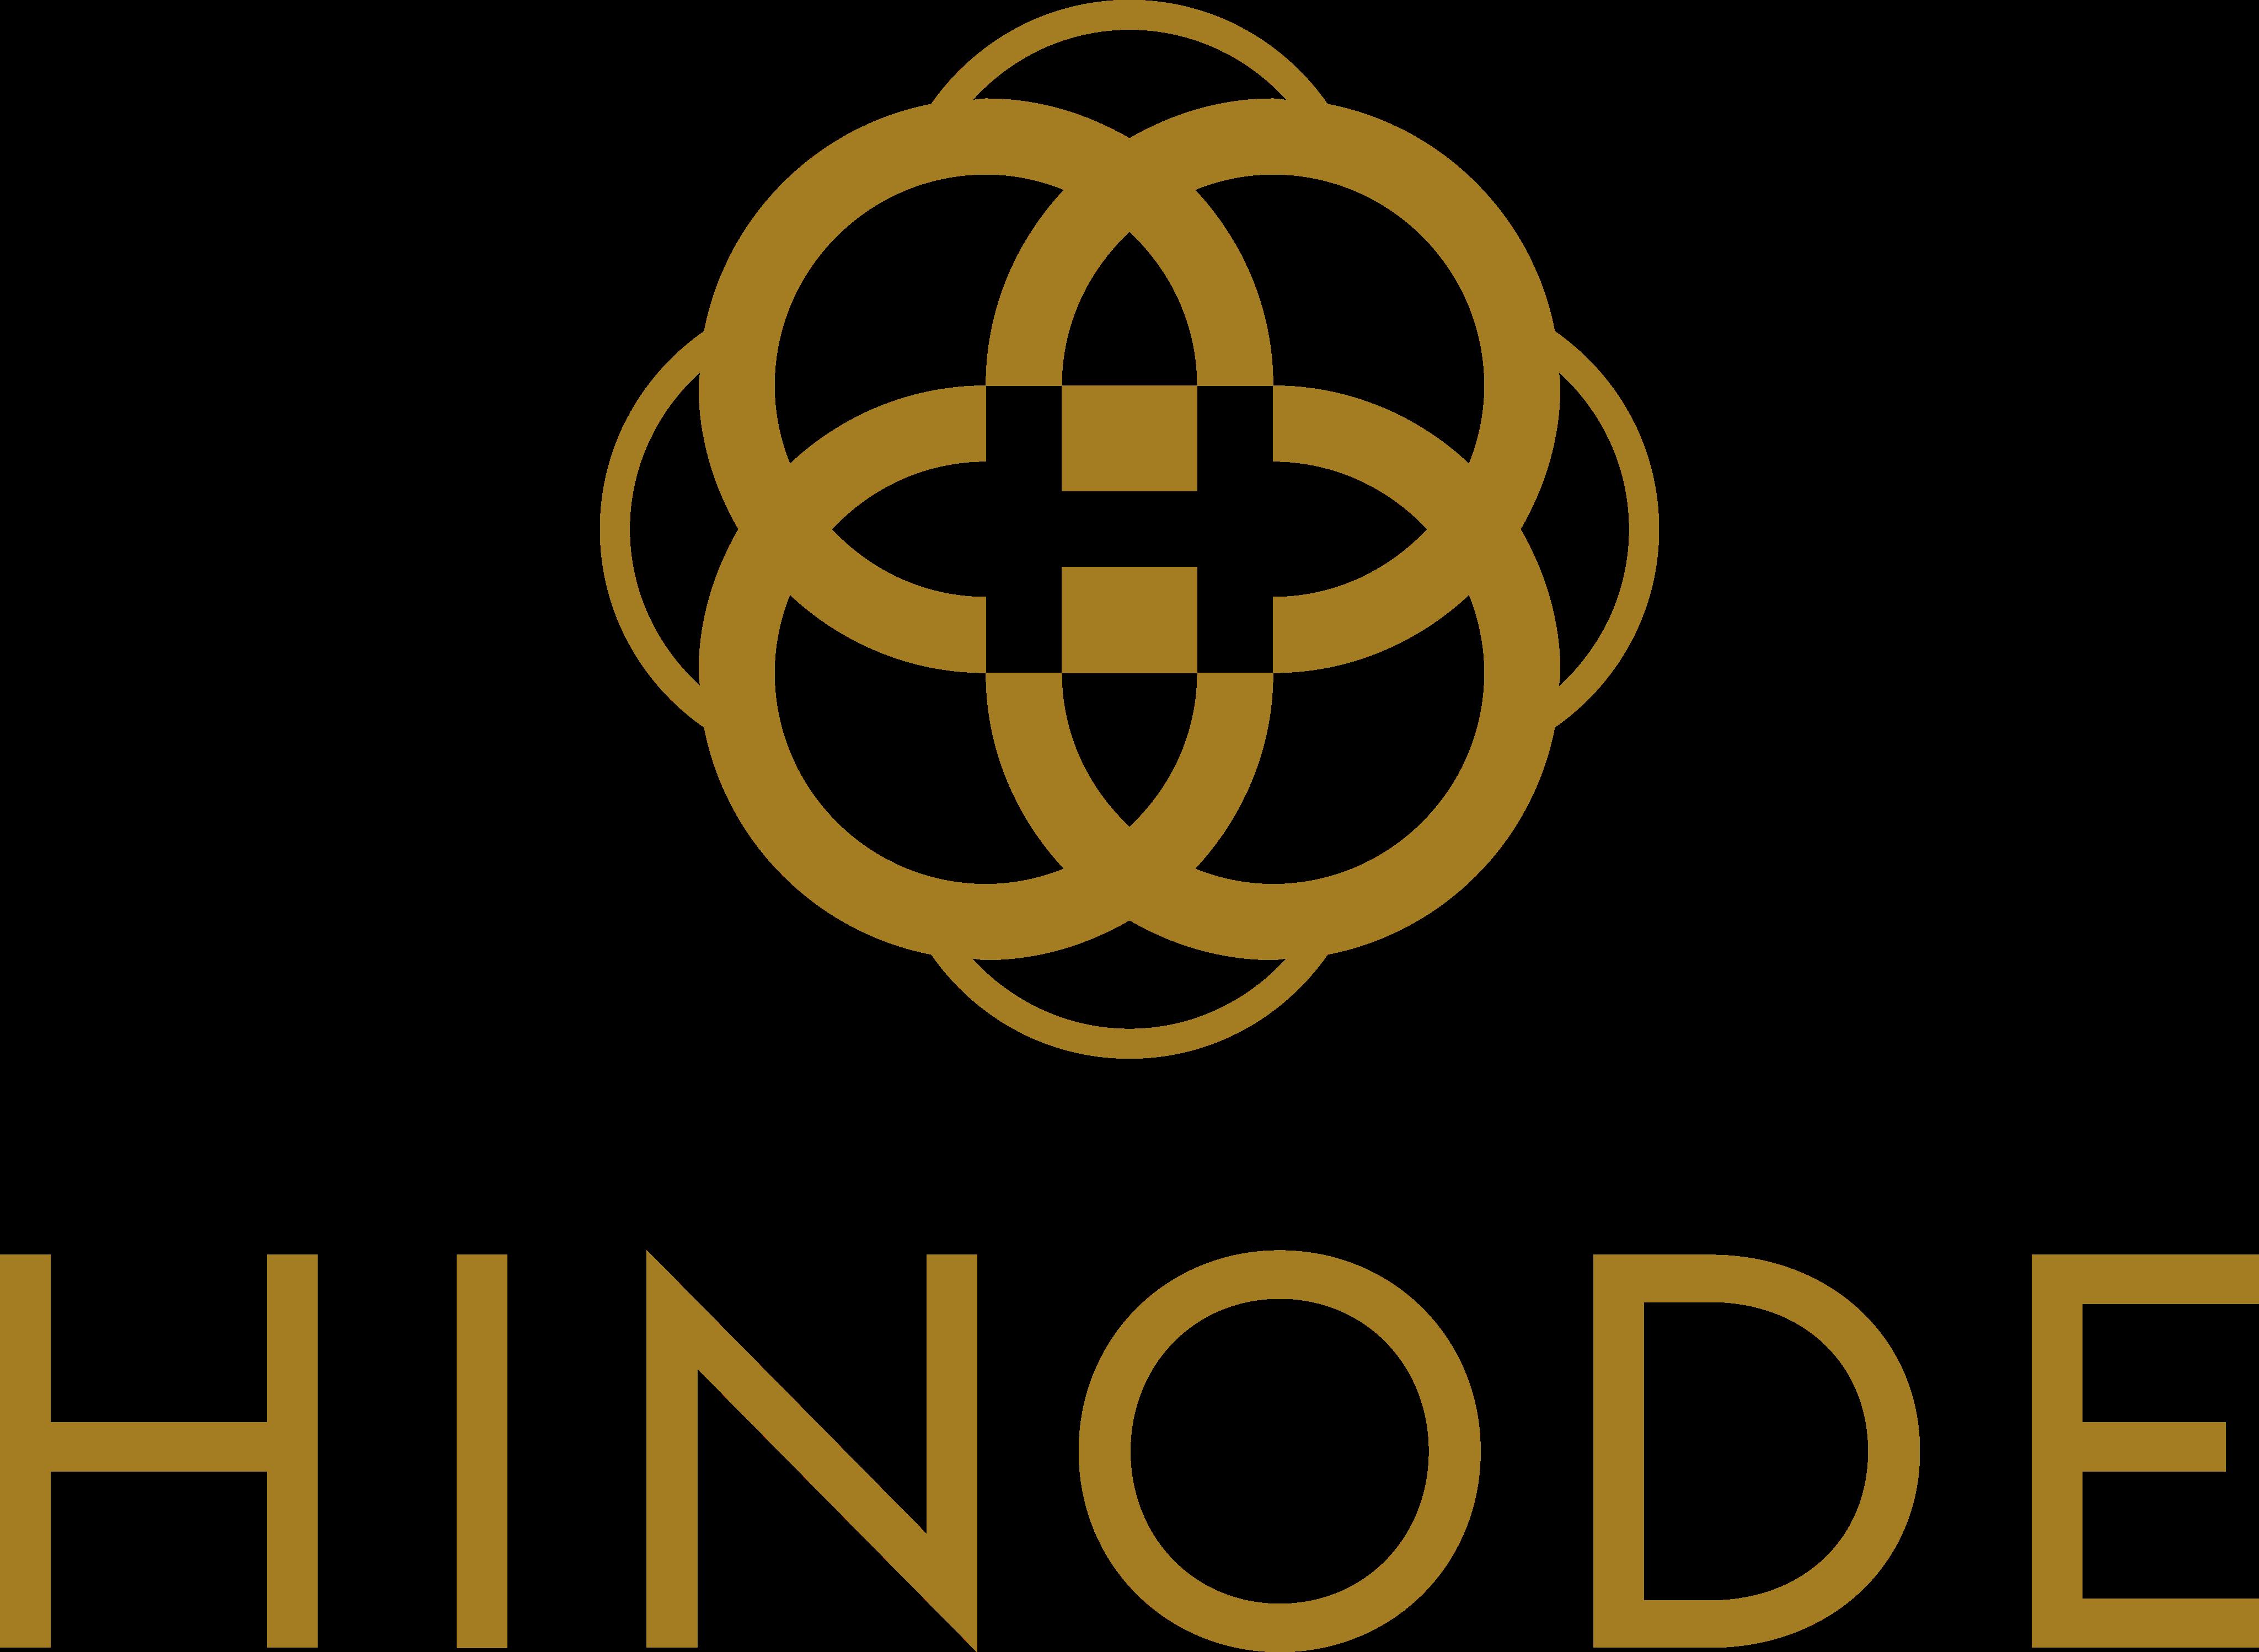 hinode logo 1 1 - Hinode Logo